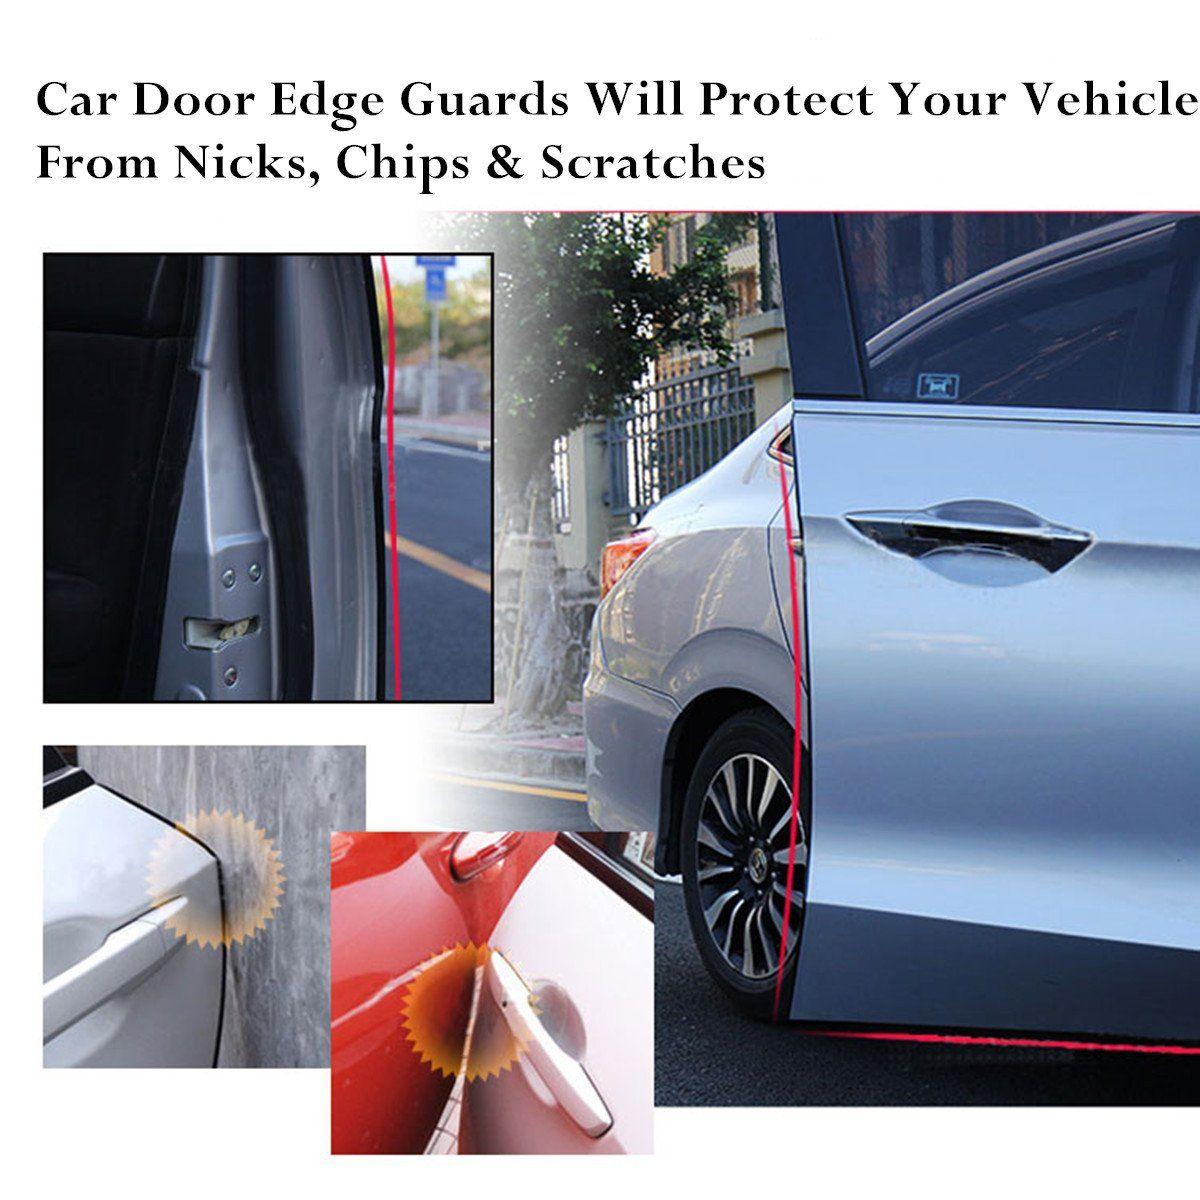 Door Edge Guard Protected Lining Trim Molding Fits Most Cars Car Door Edge Guards Trim Rubber Seal Protector Guard Strip Car Protection Car Door Edge Guard Car